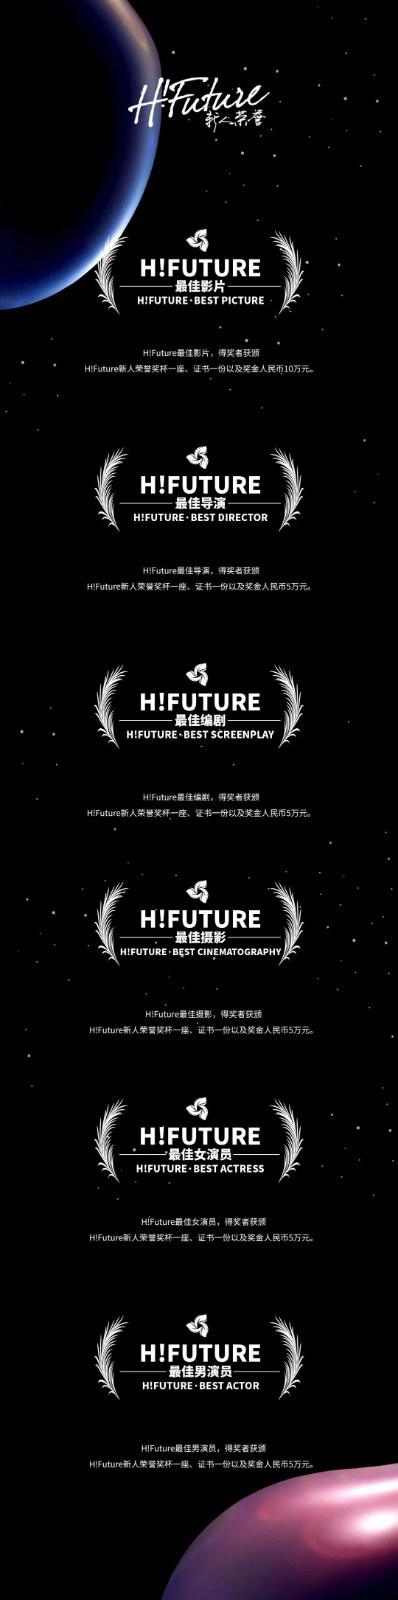 欧博亚洲电脑版下载:第三届海南岛国际电影节 奖励和扶持方案公布 第4张